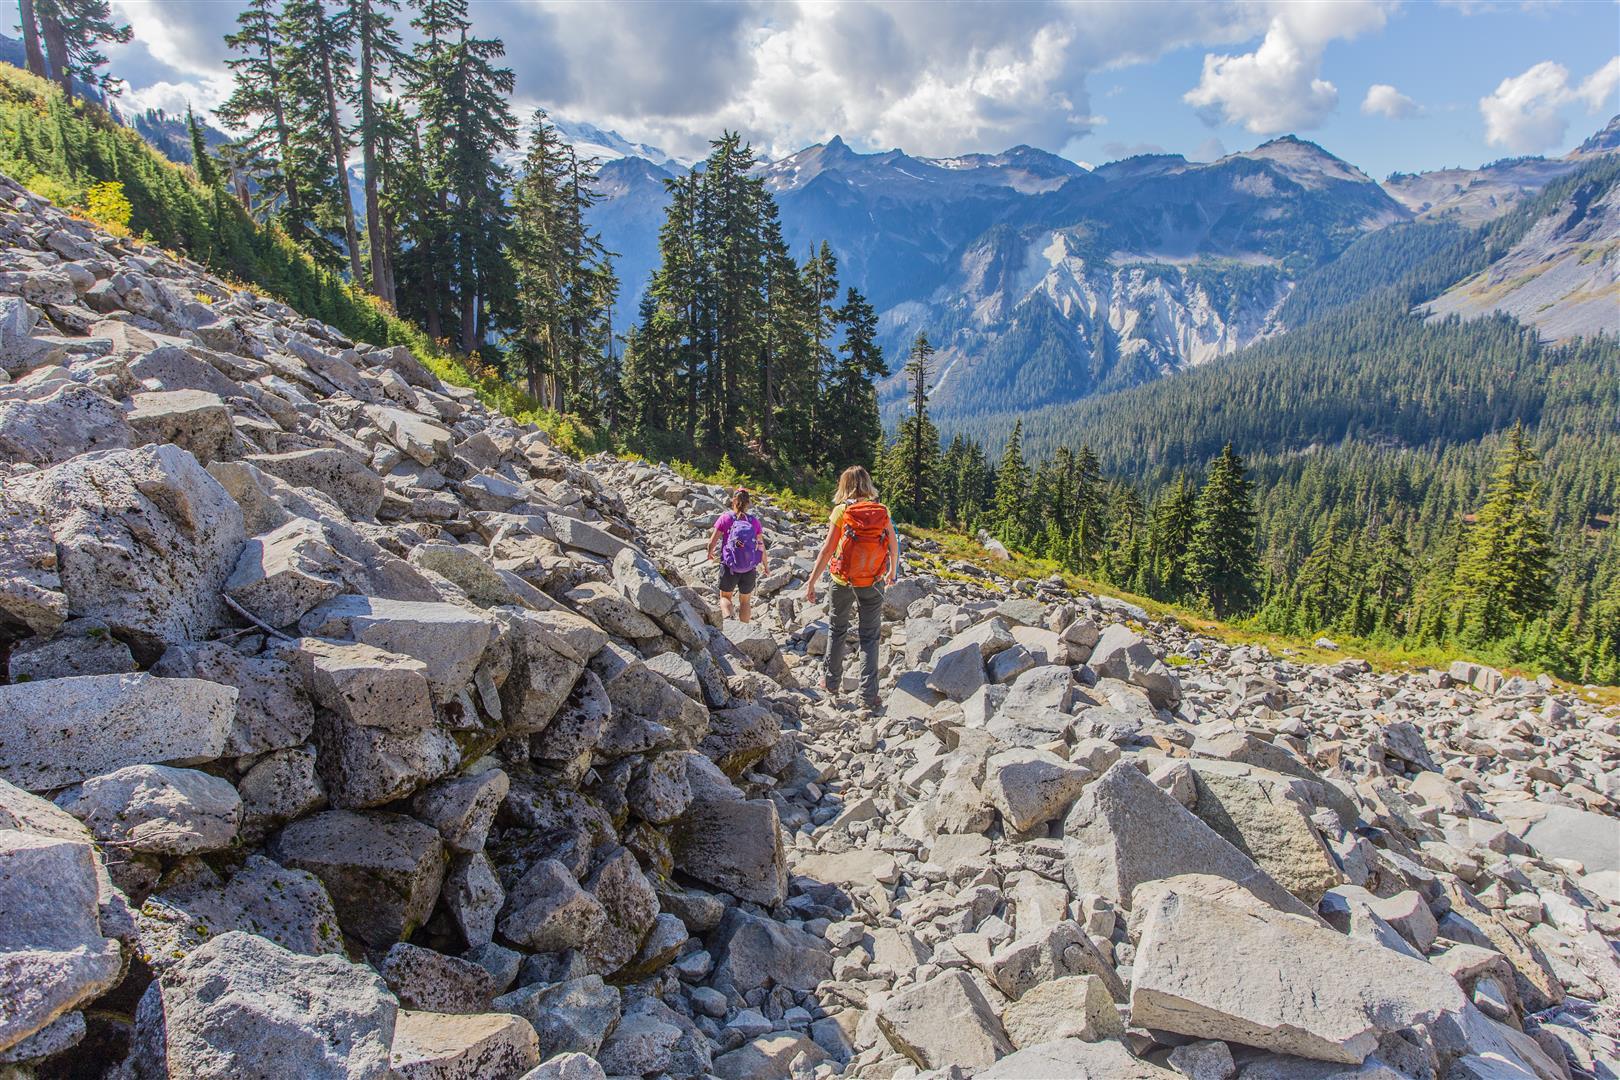 Crossing boulder field